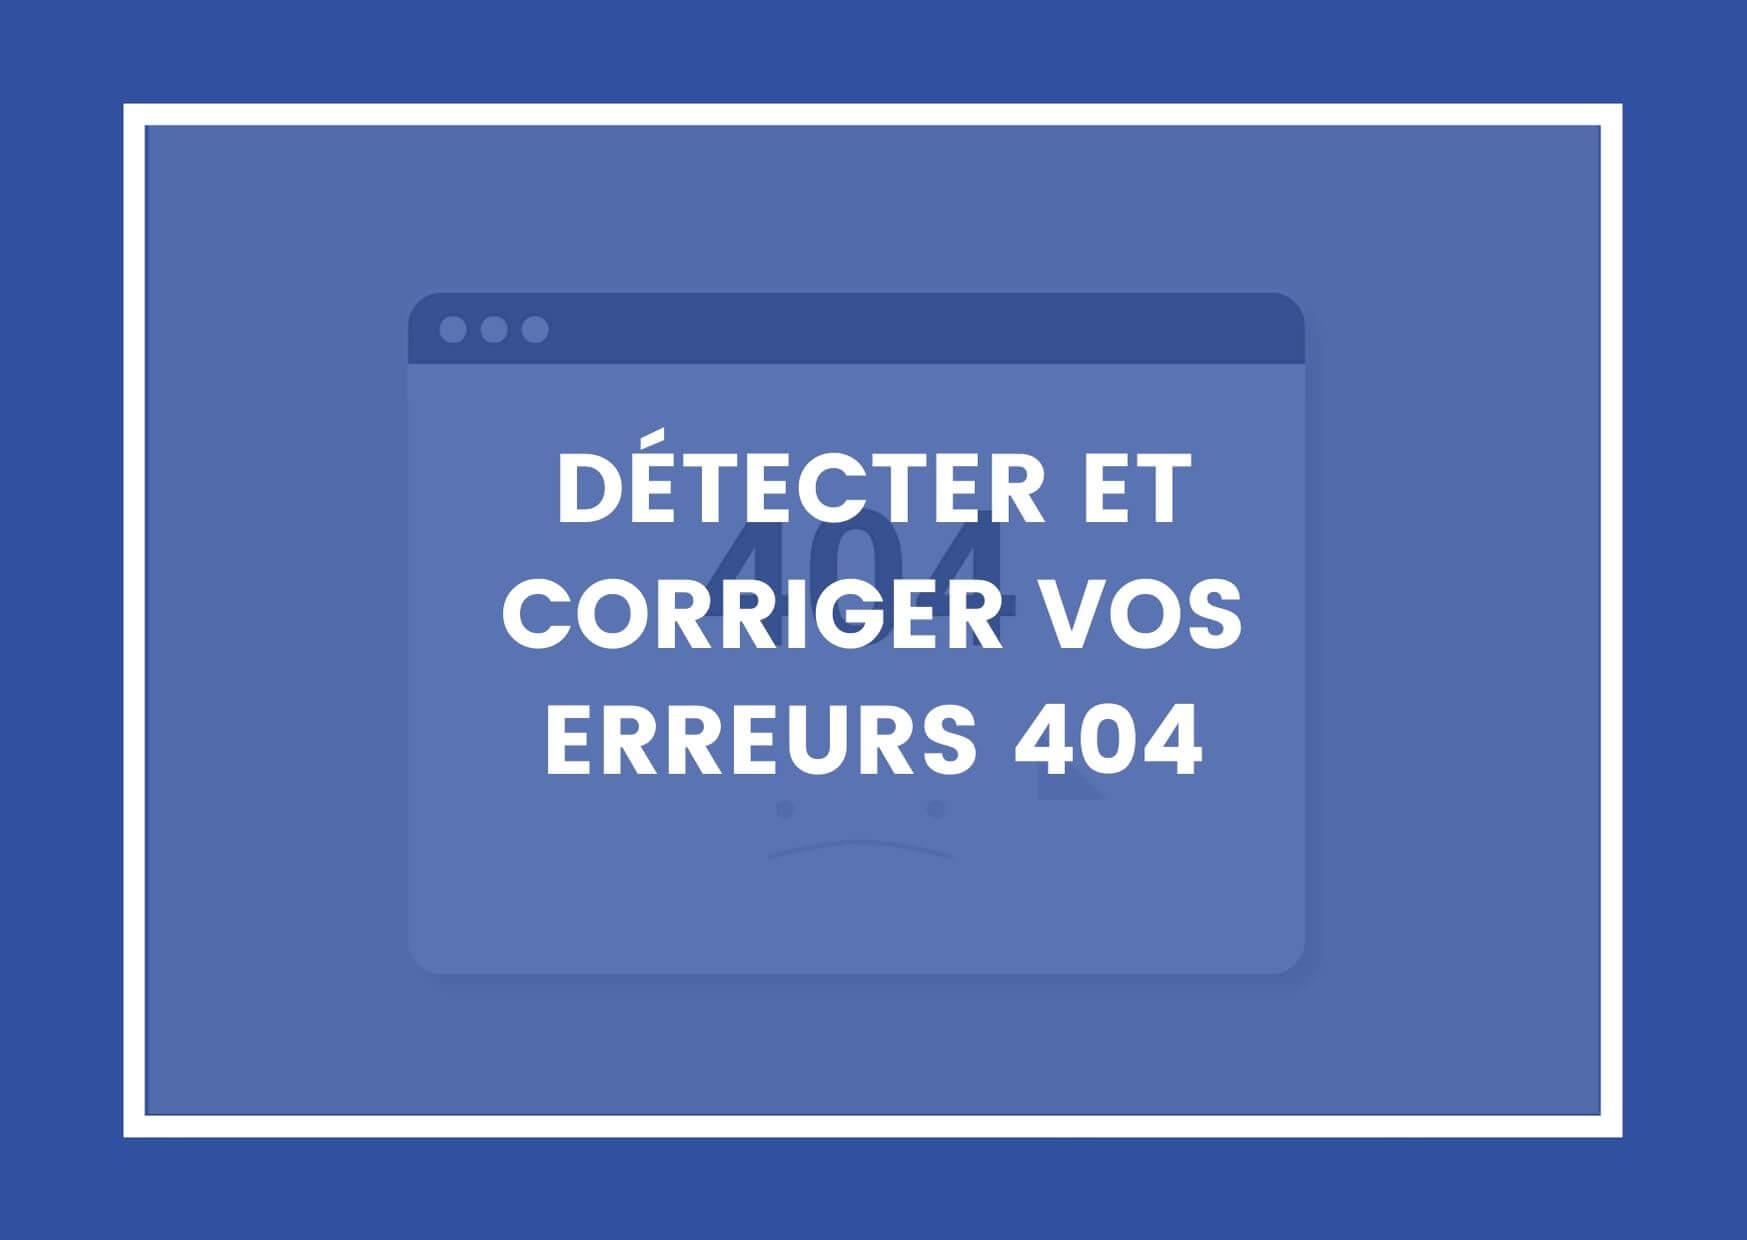 DÉTECTER ET CORRIGER VOS ERREURS 404